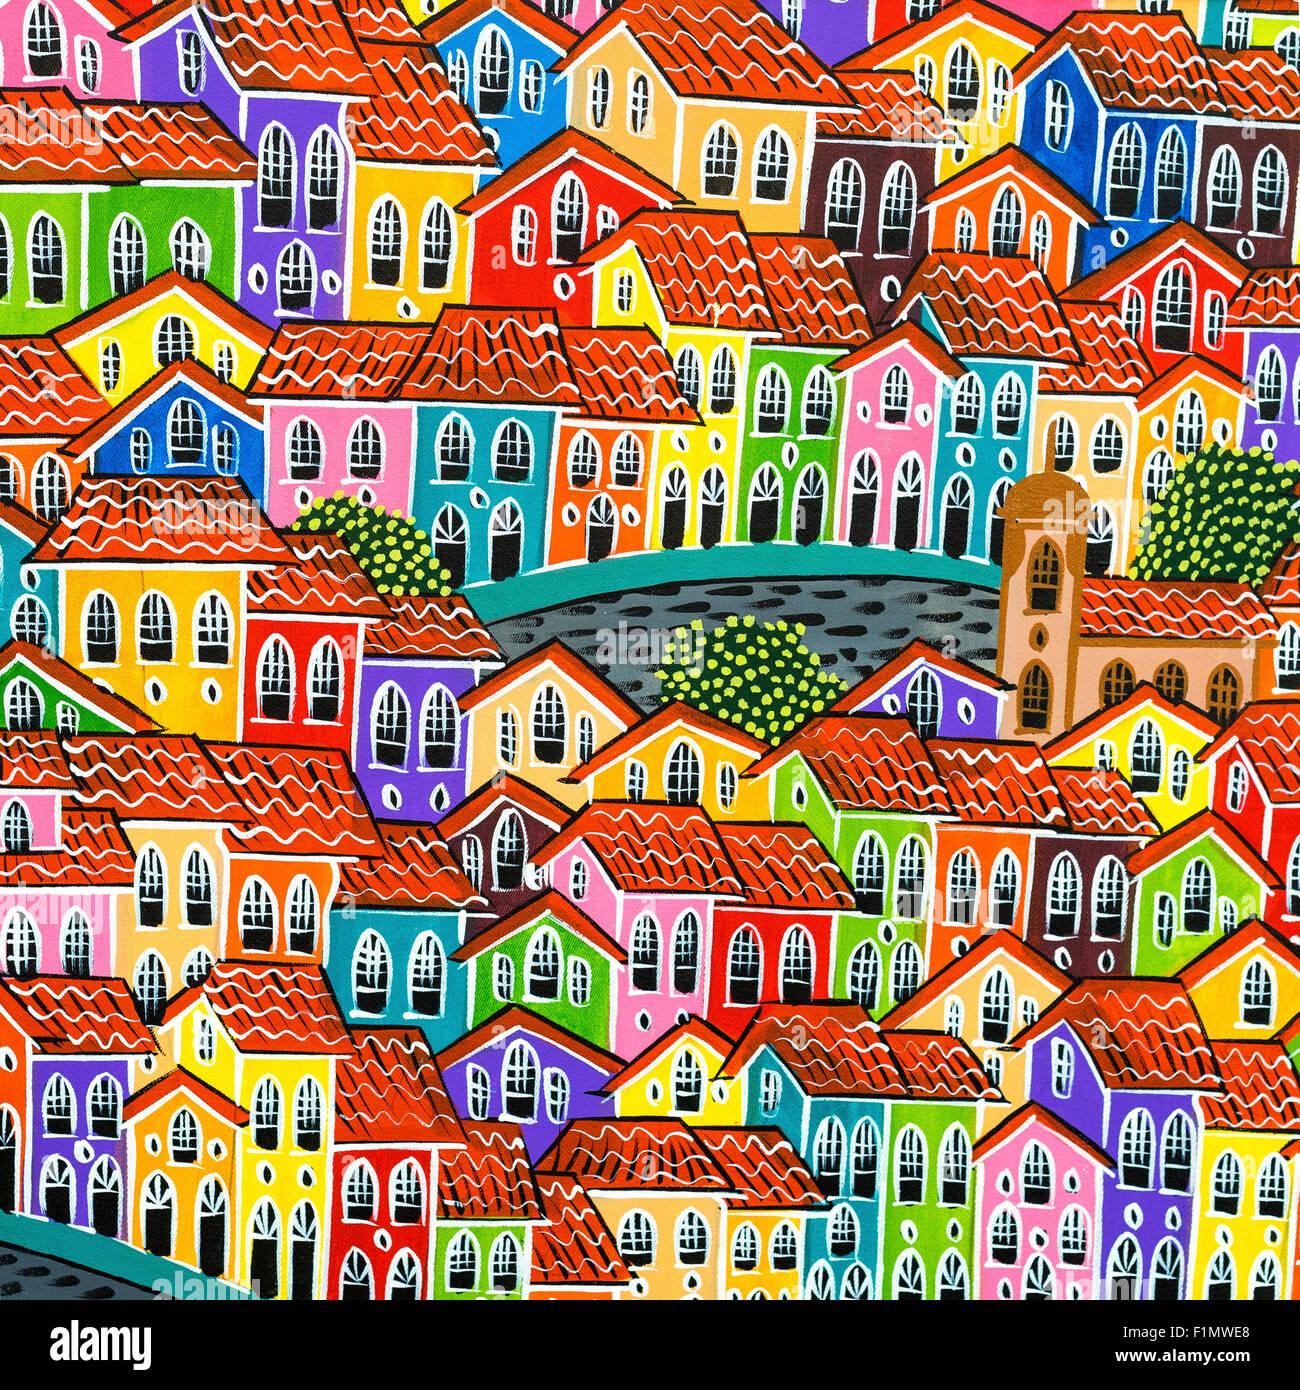 Peinture Coloree De La Vieilles Maisons Coloniales De Pelourinho Par Artiste De Rue A Salvador Bahia Bresil Photo Stock Alamy